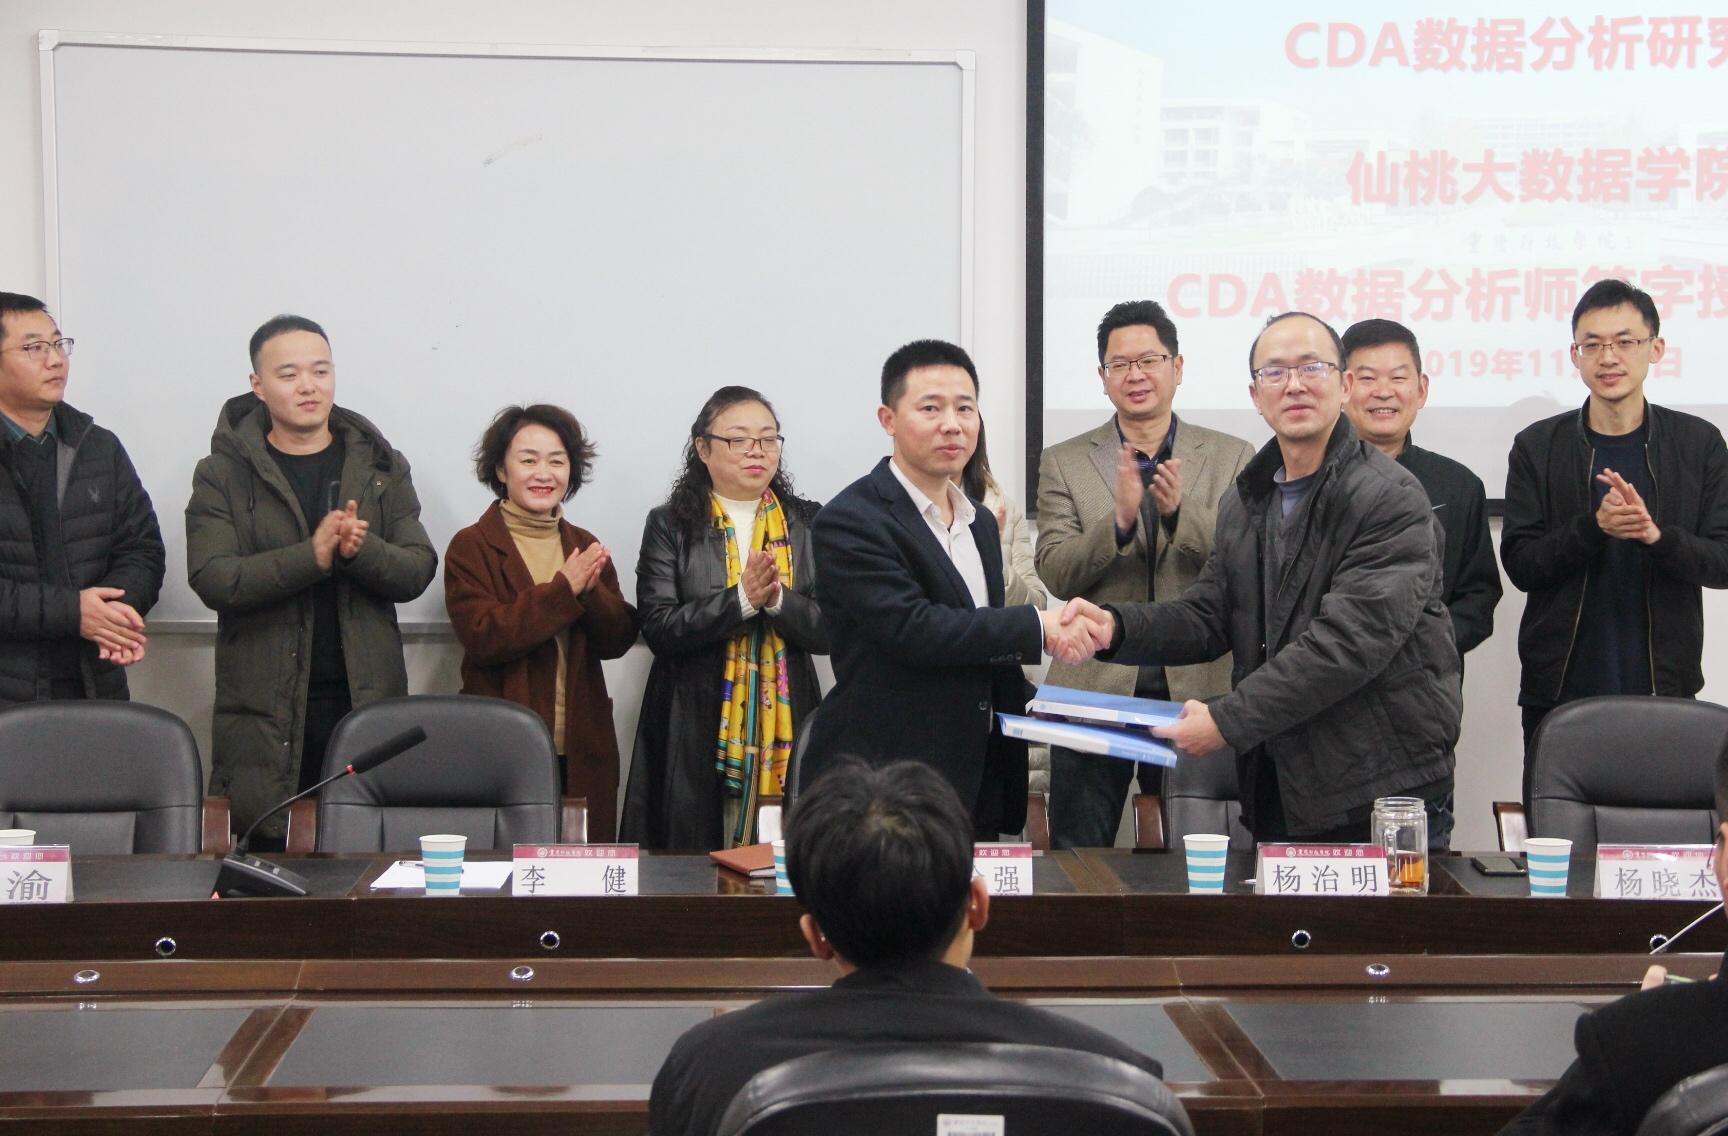 重庆科技学院数理与大数据学院正式成立CDA人才培养暨认证考试中心